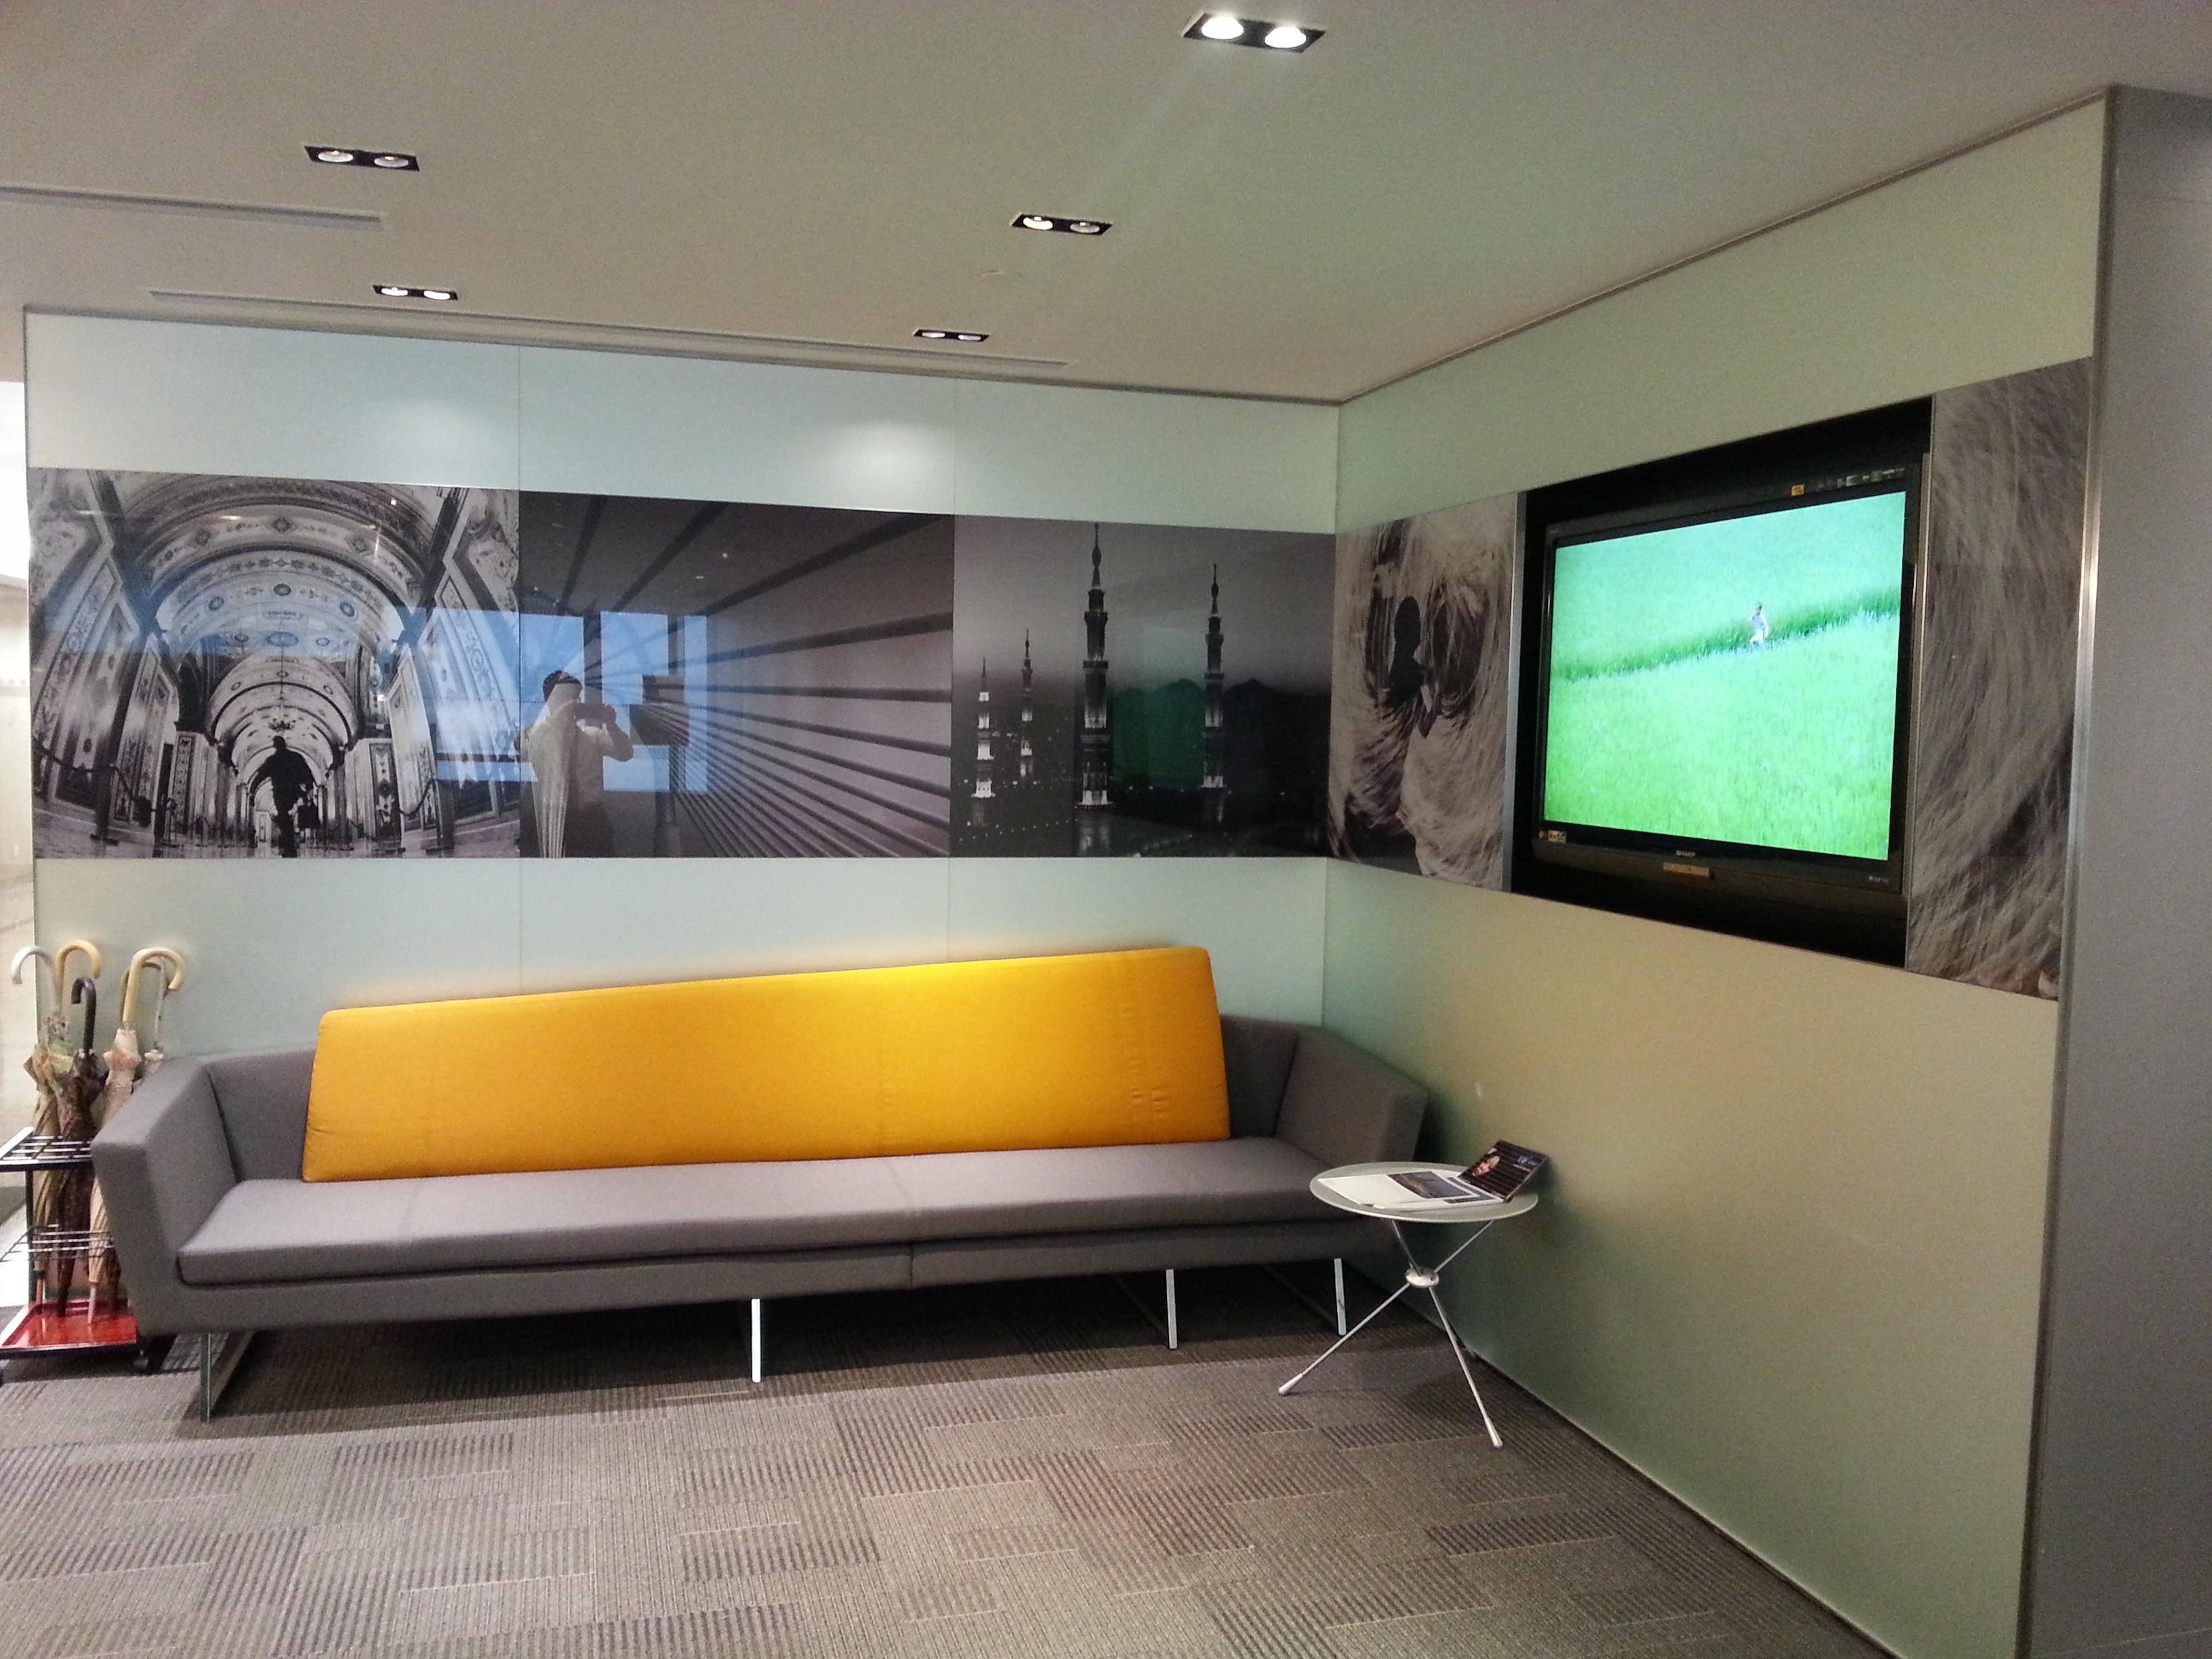 hong kong thomson reuters. Black Bedroom Furniture Sets. Home Design Ideas